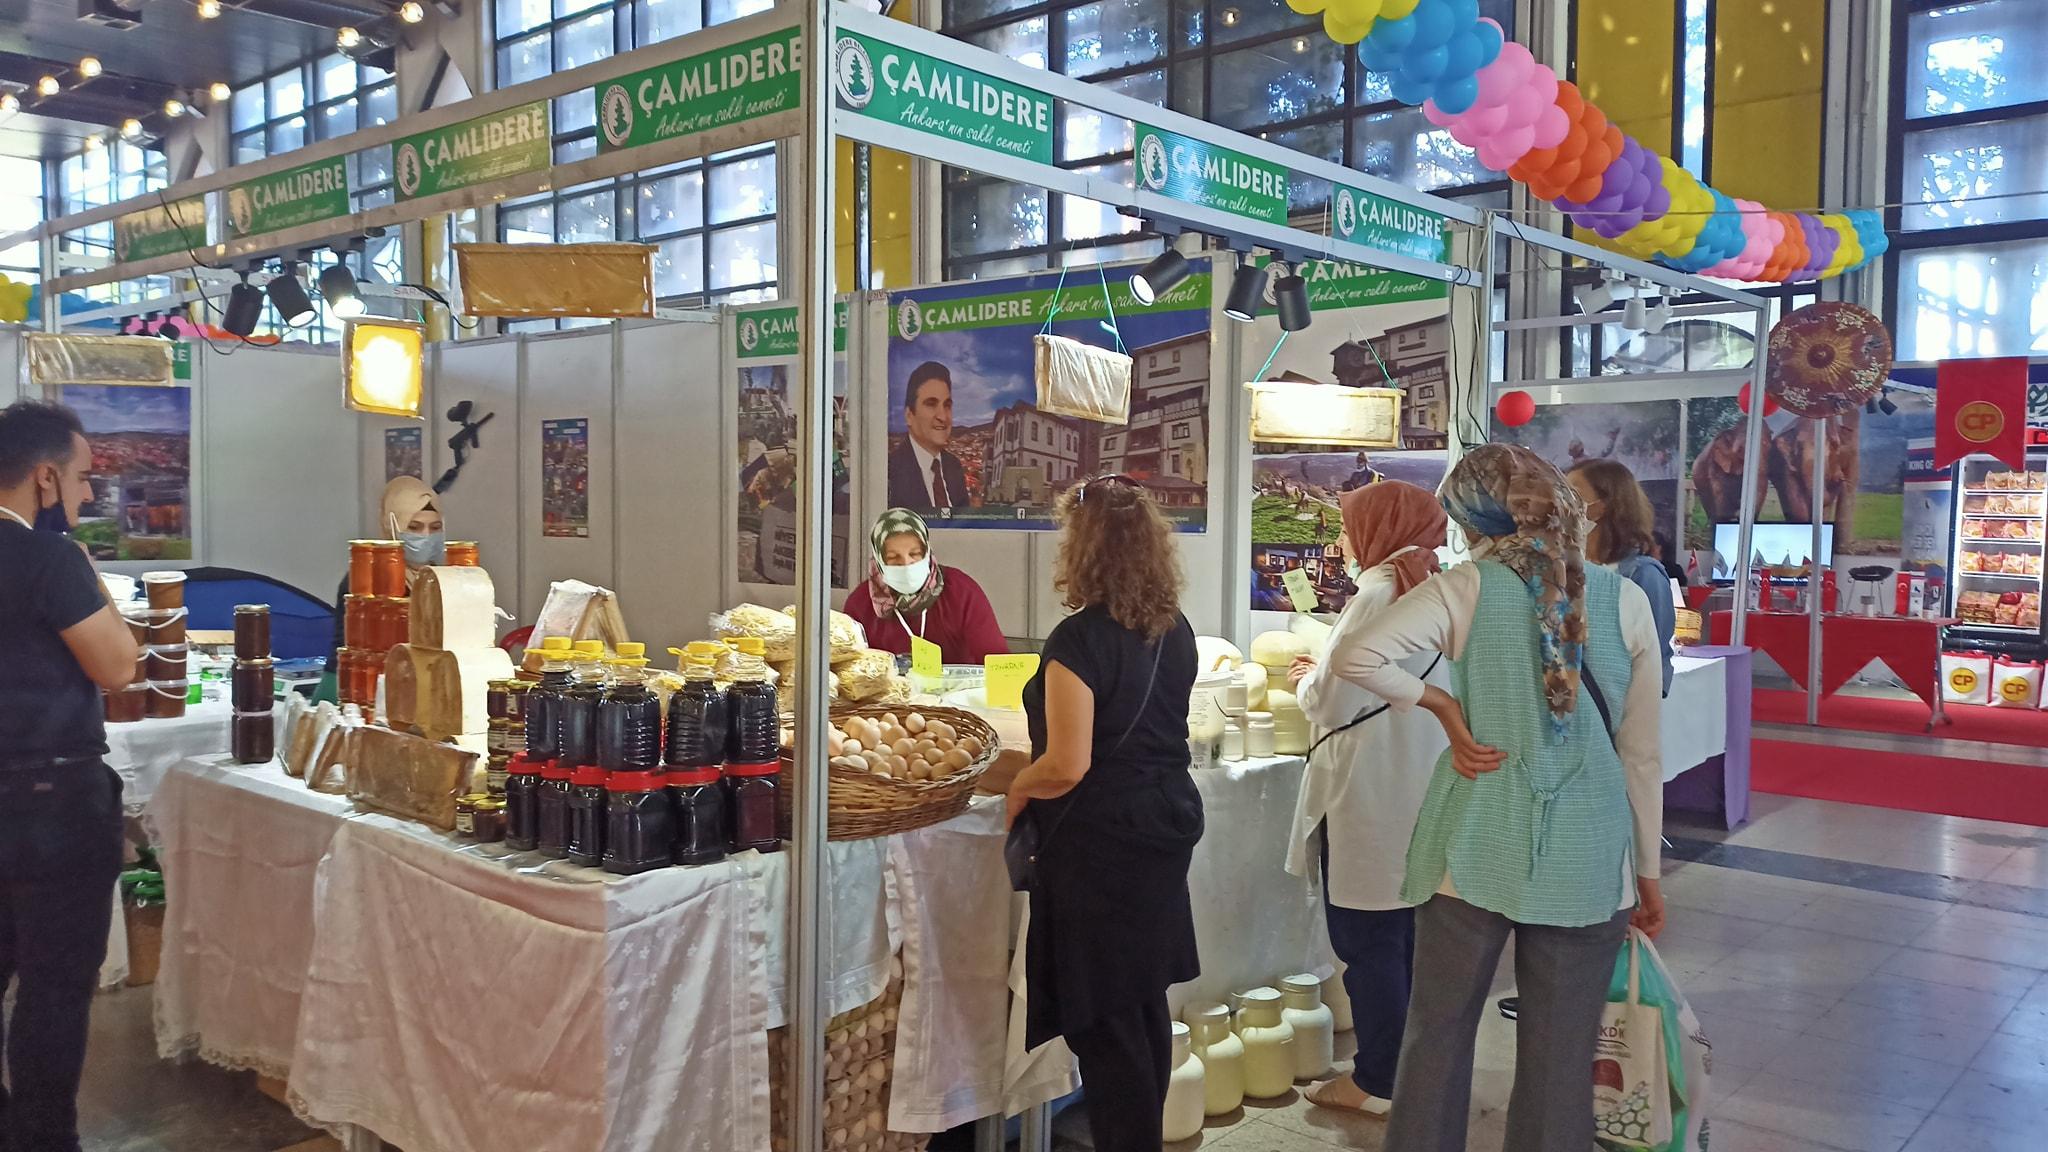 Uluslararası Ticaret, Kültür ve Turizm Festivali Ankara Altınpark Expo Fuar Alanı, Neden Çamlıdere'ye Gitmelisin?